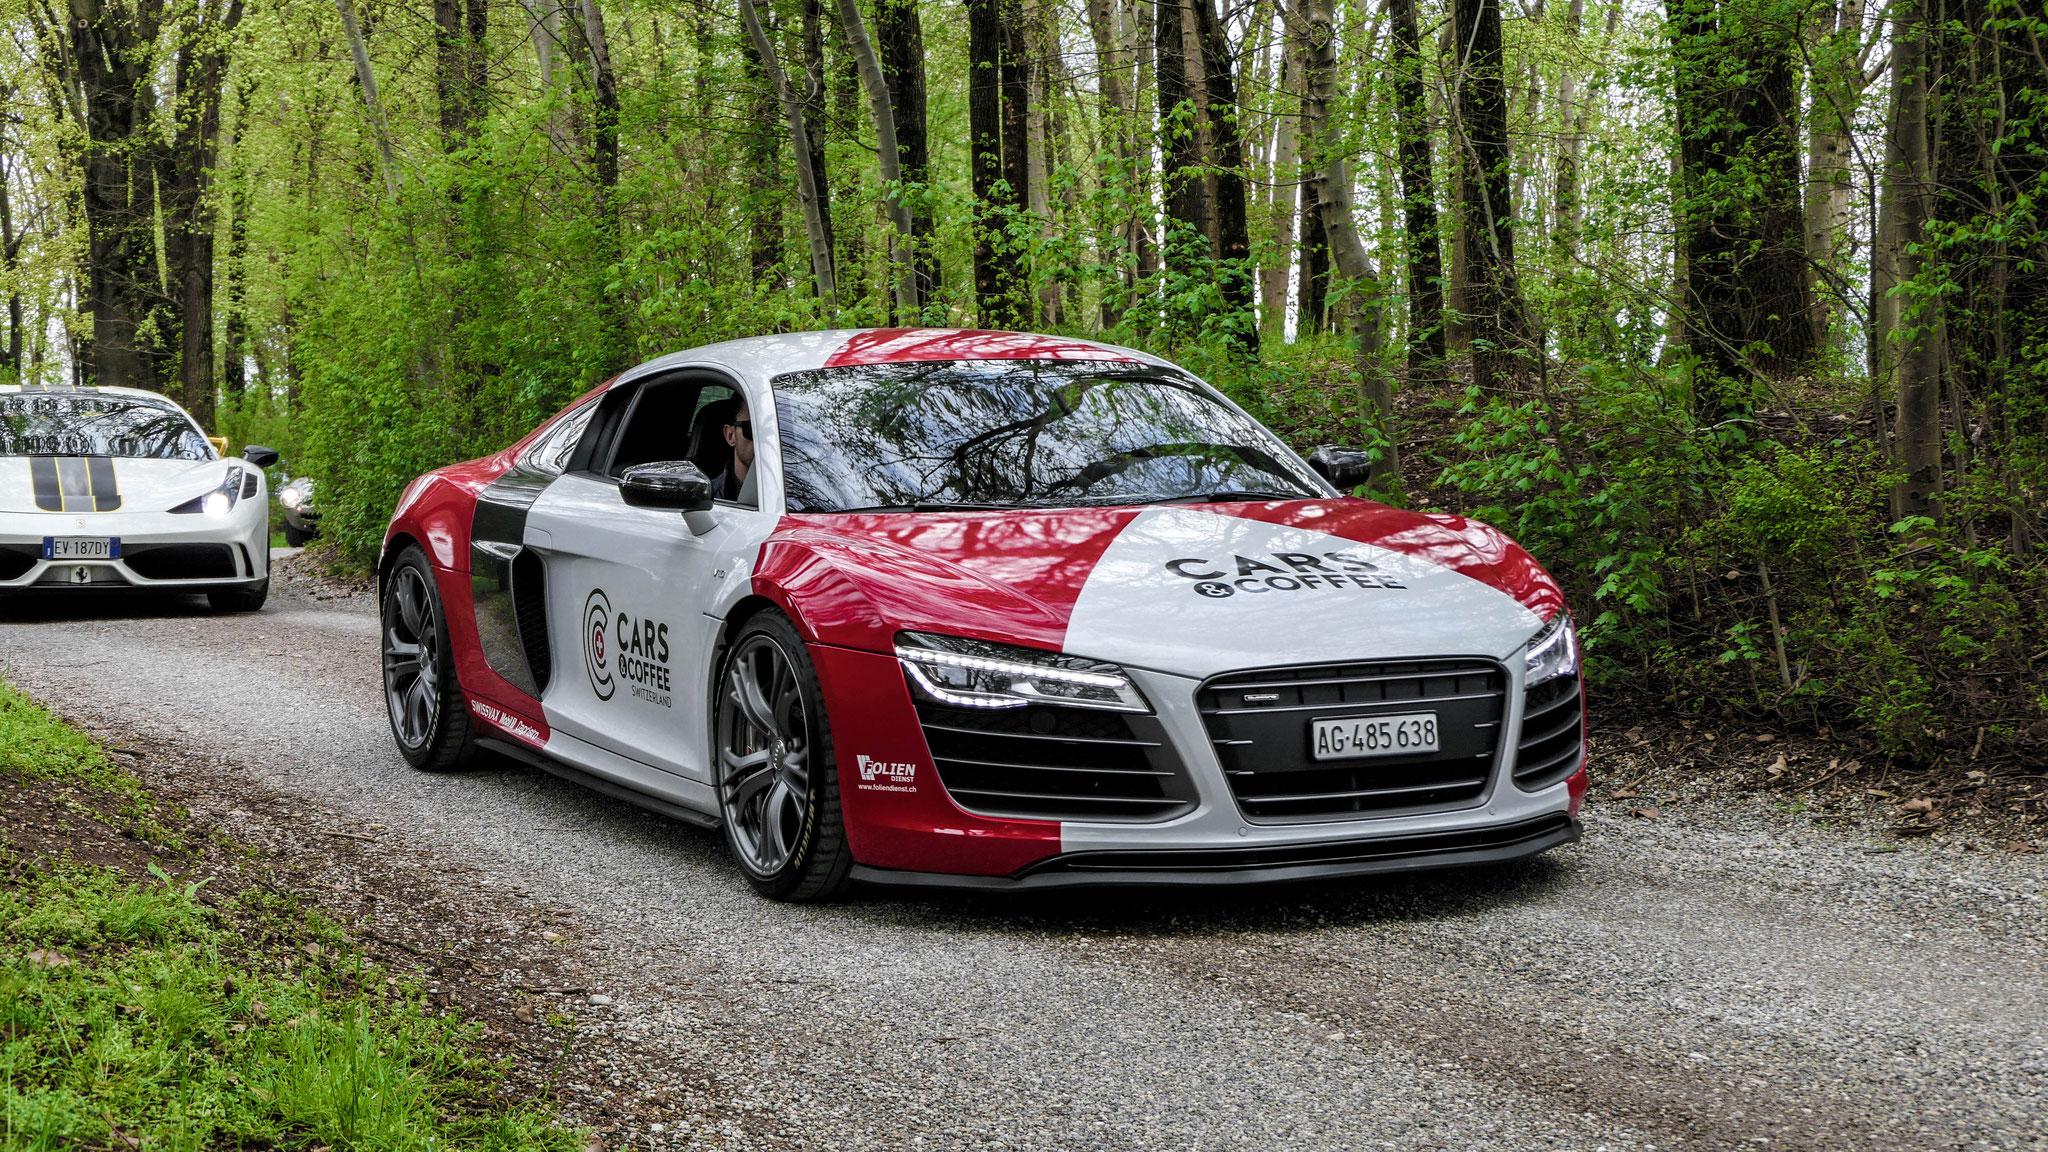 Audi R8 V10 - AG-485638 (CH)